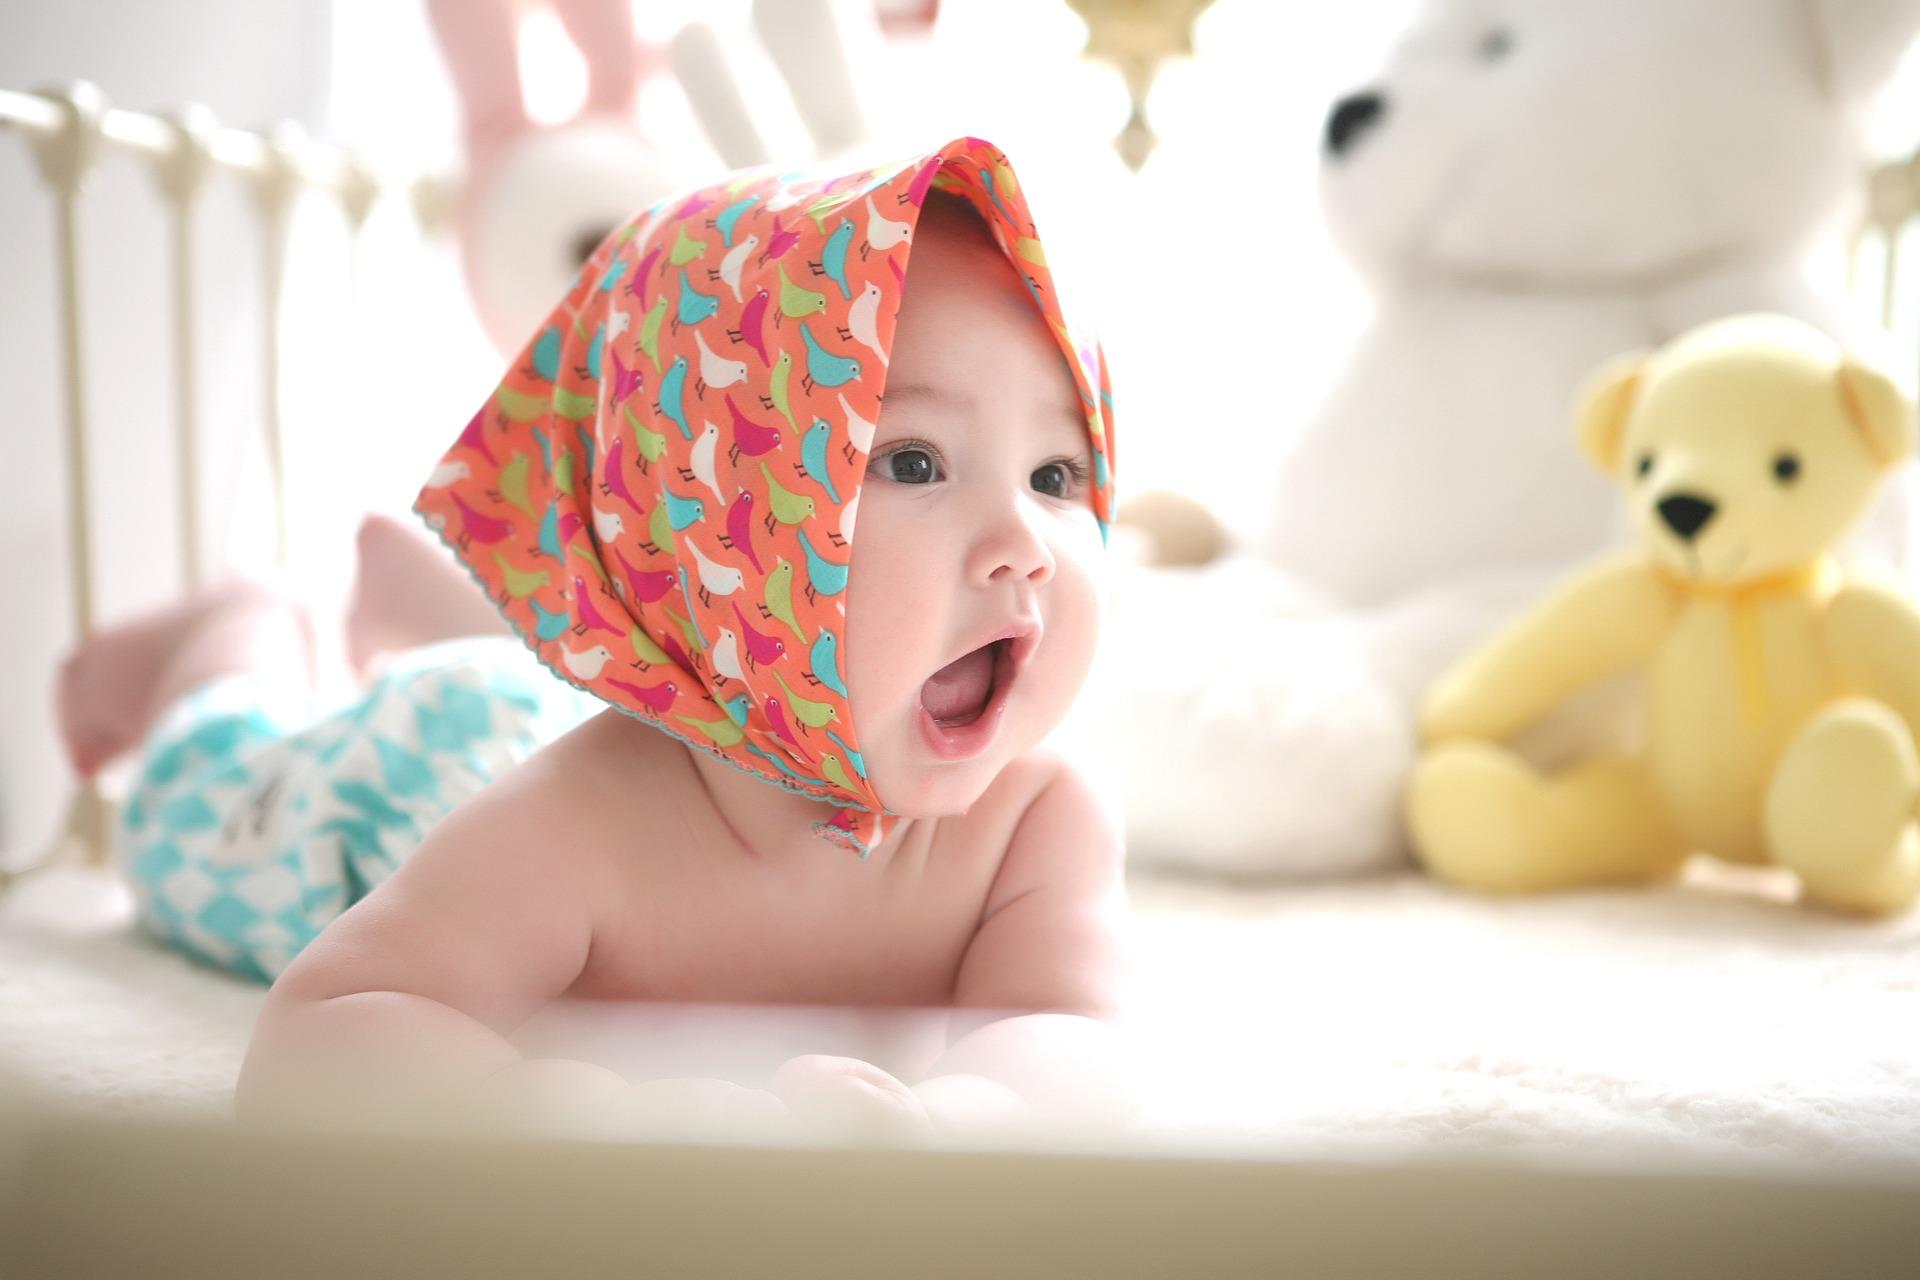 regali indispensabili neonato